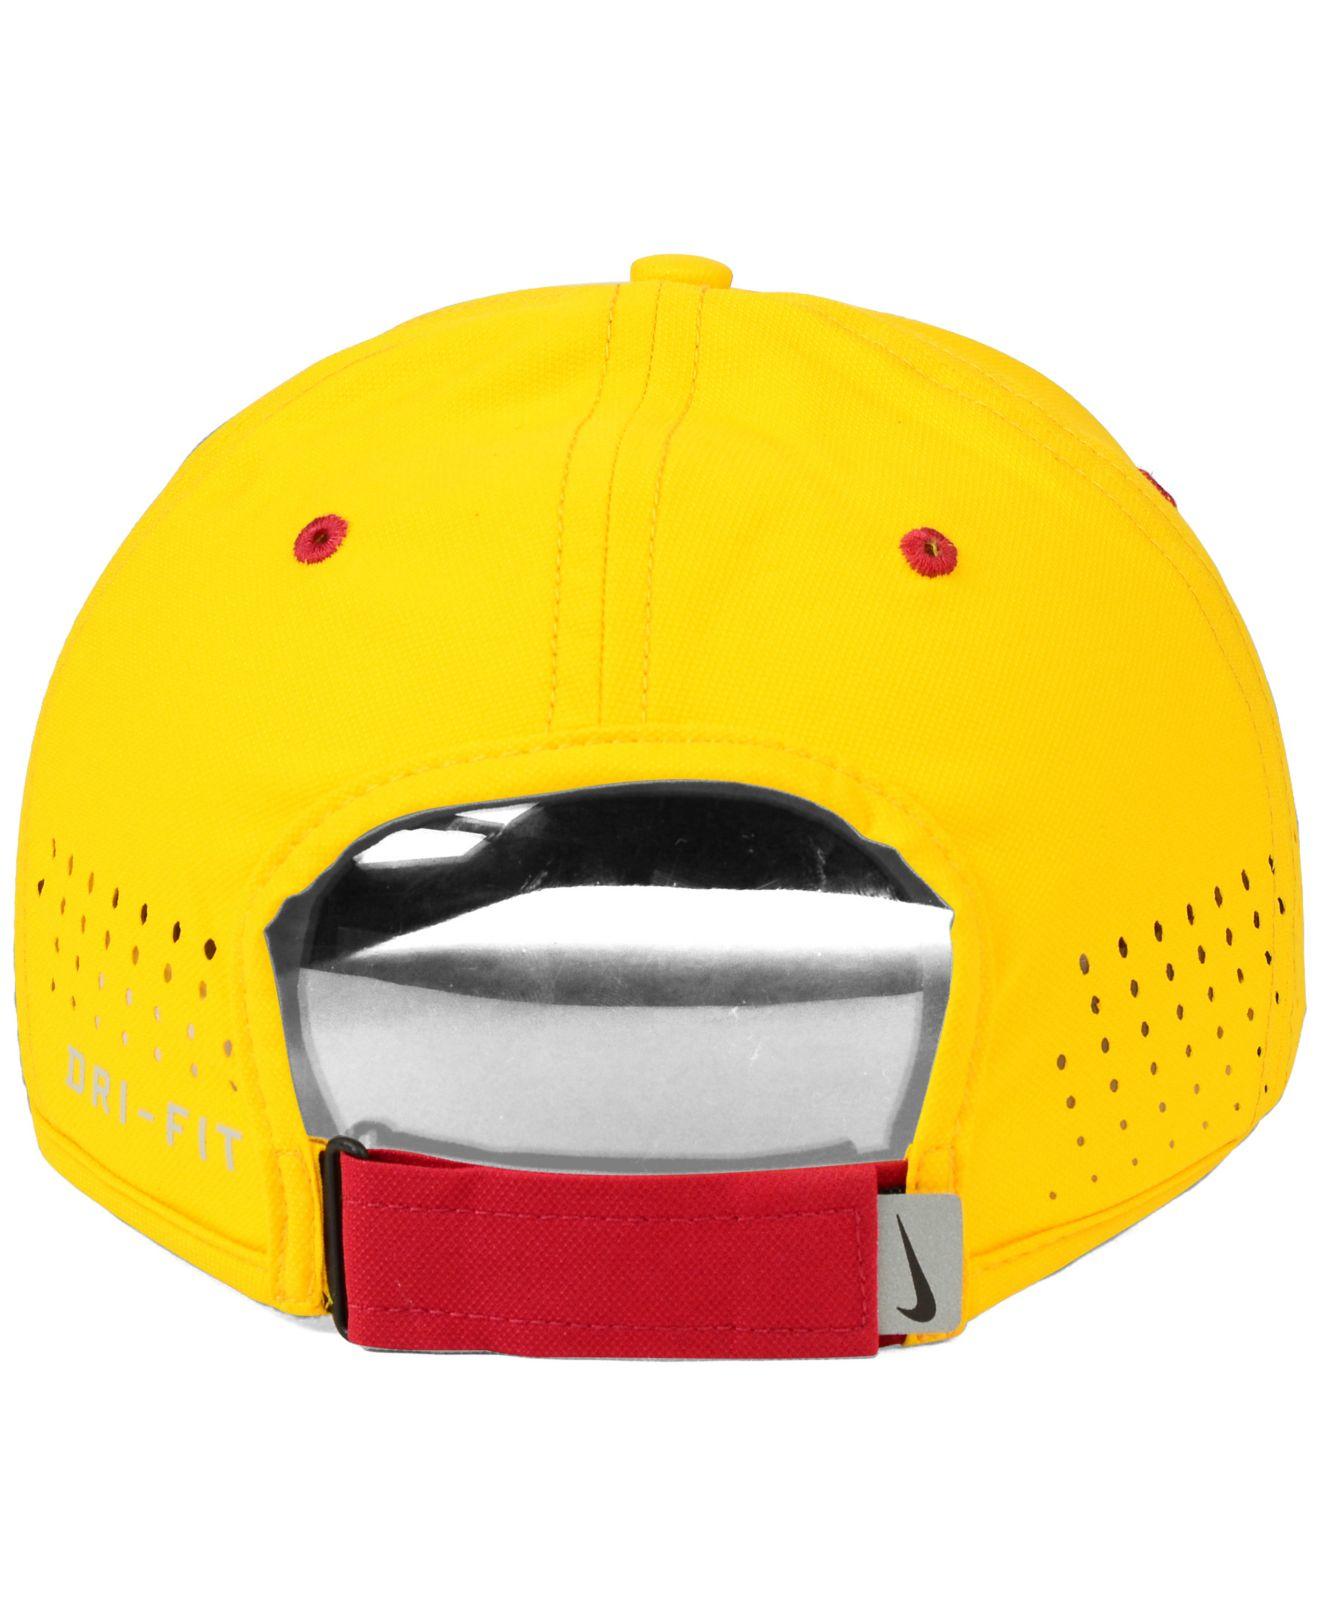 b3602329ad6b1 Nike Usc Trojans Dri-fit Coaches Cap in Yellow for Men - Lyst